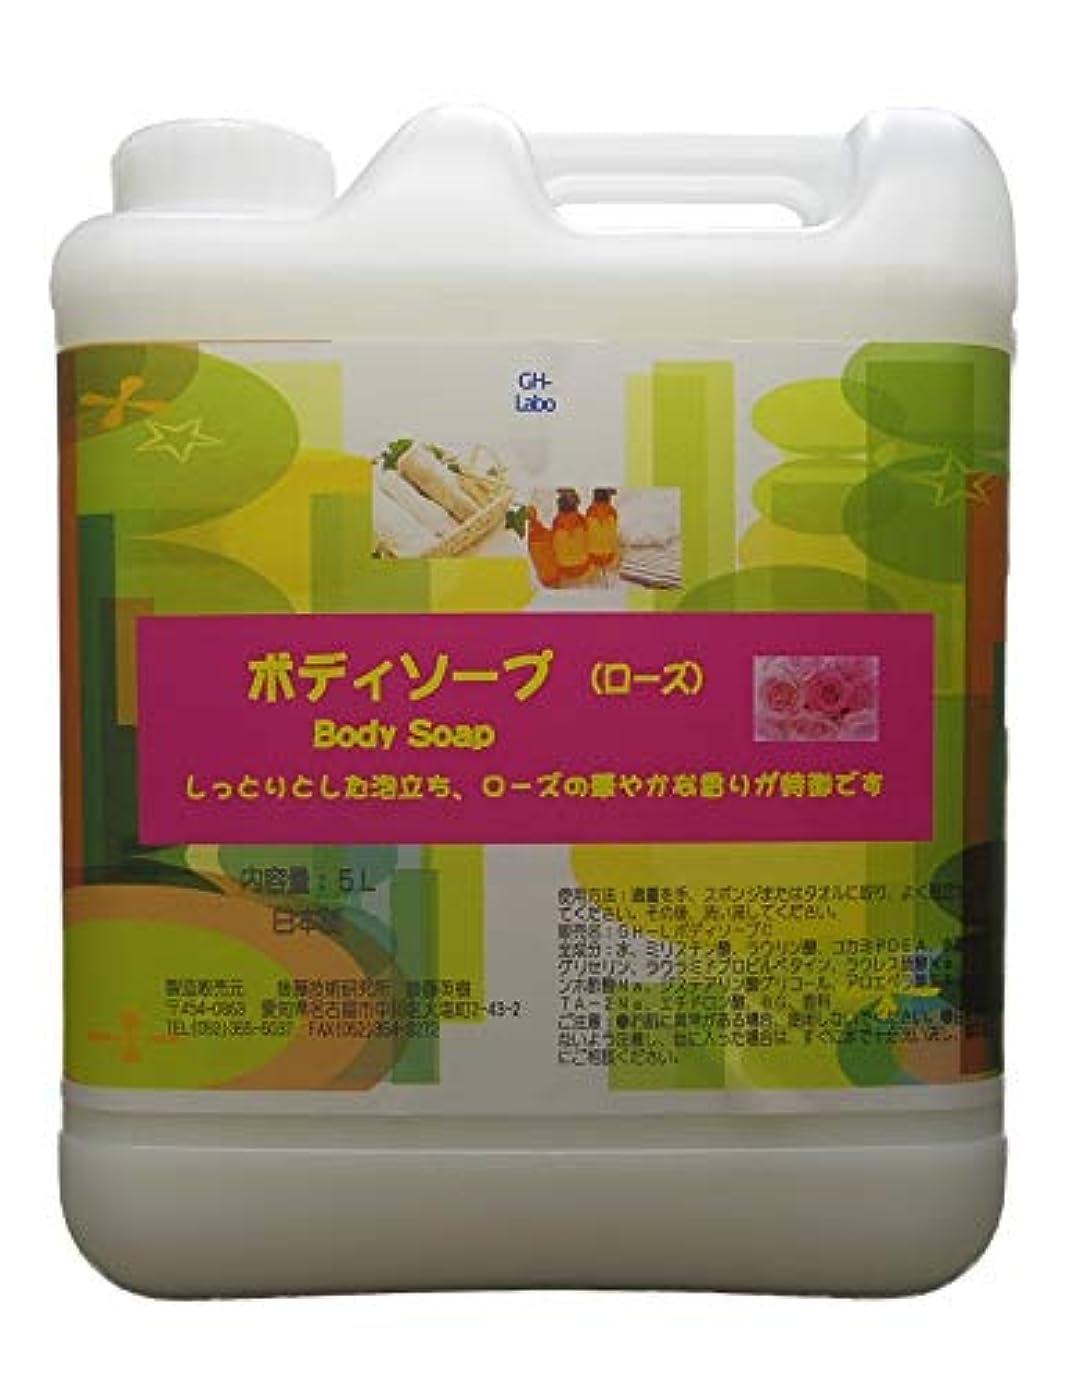 苦しむ新鮮なリンケージGH-Labo 業務用ボディソープ ローズの香り 5L